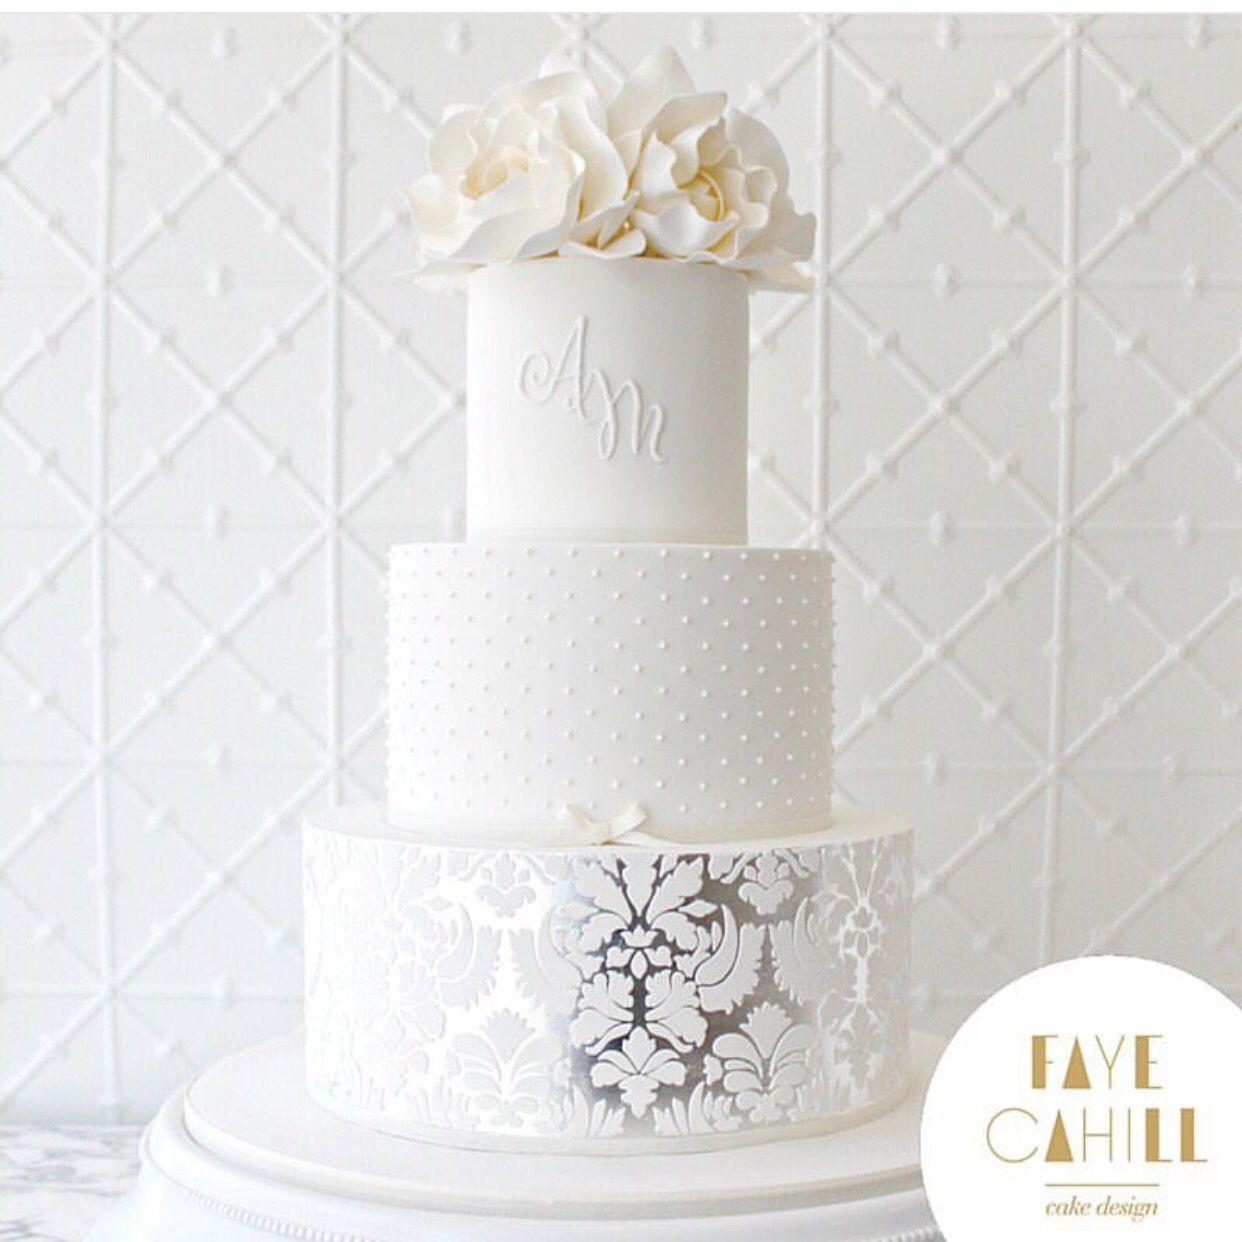 Faye cahill wedding cake sydney | Wedding & Engagement Cakes Sydney ...